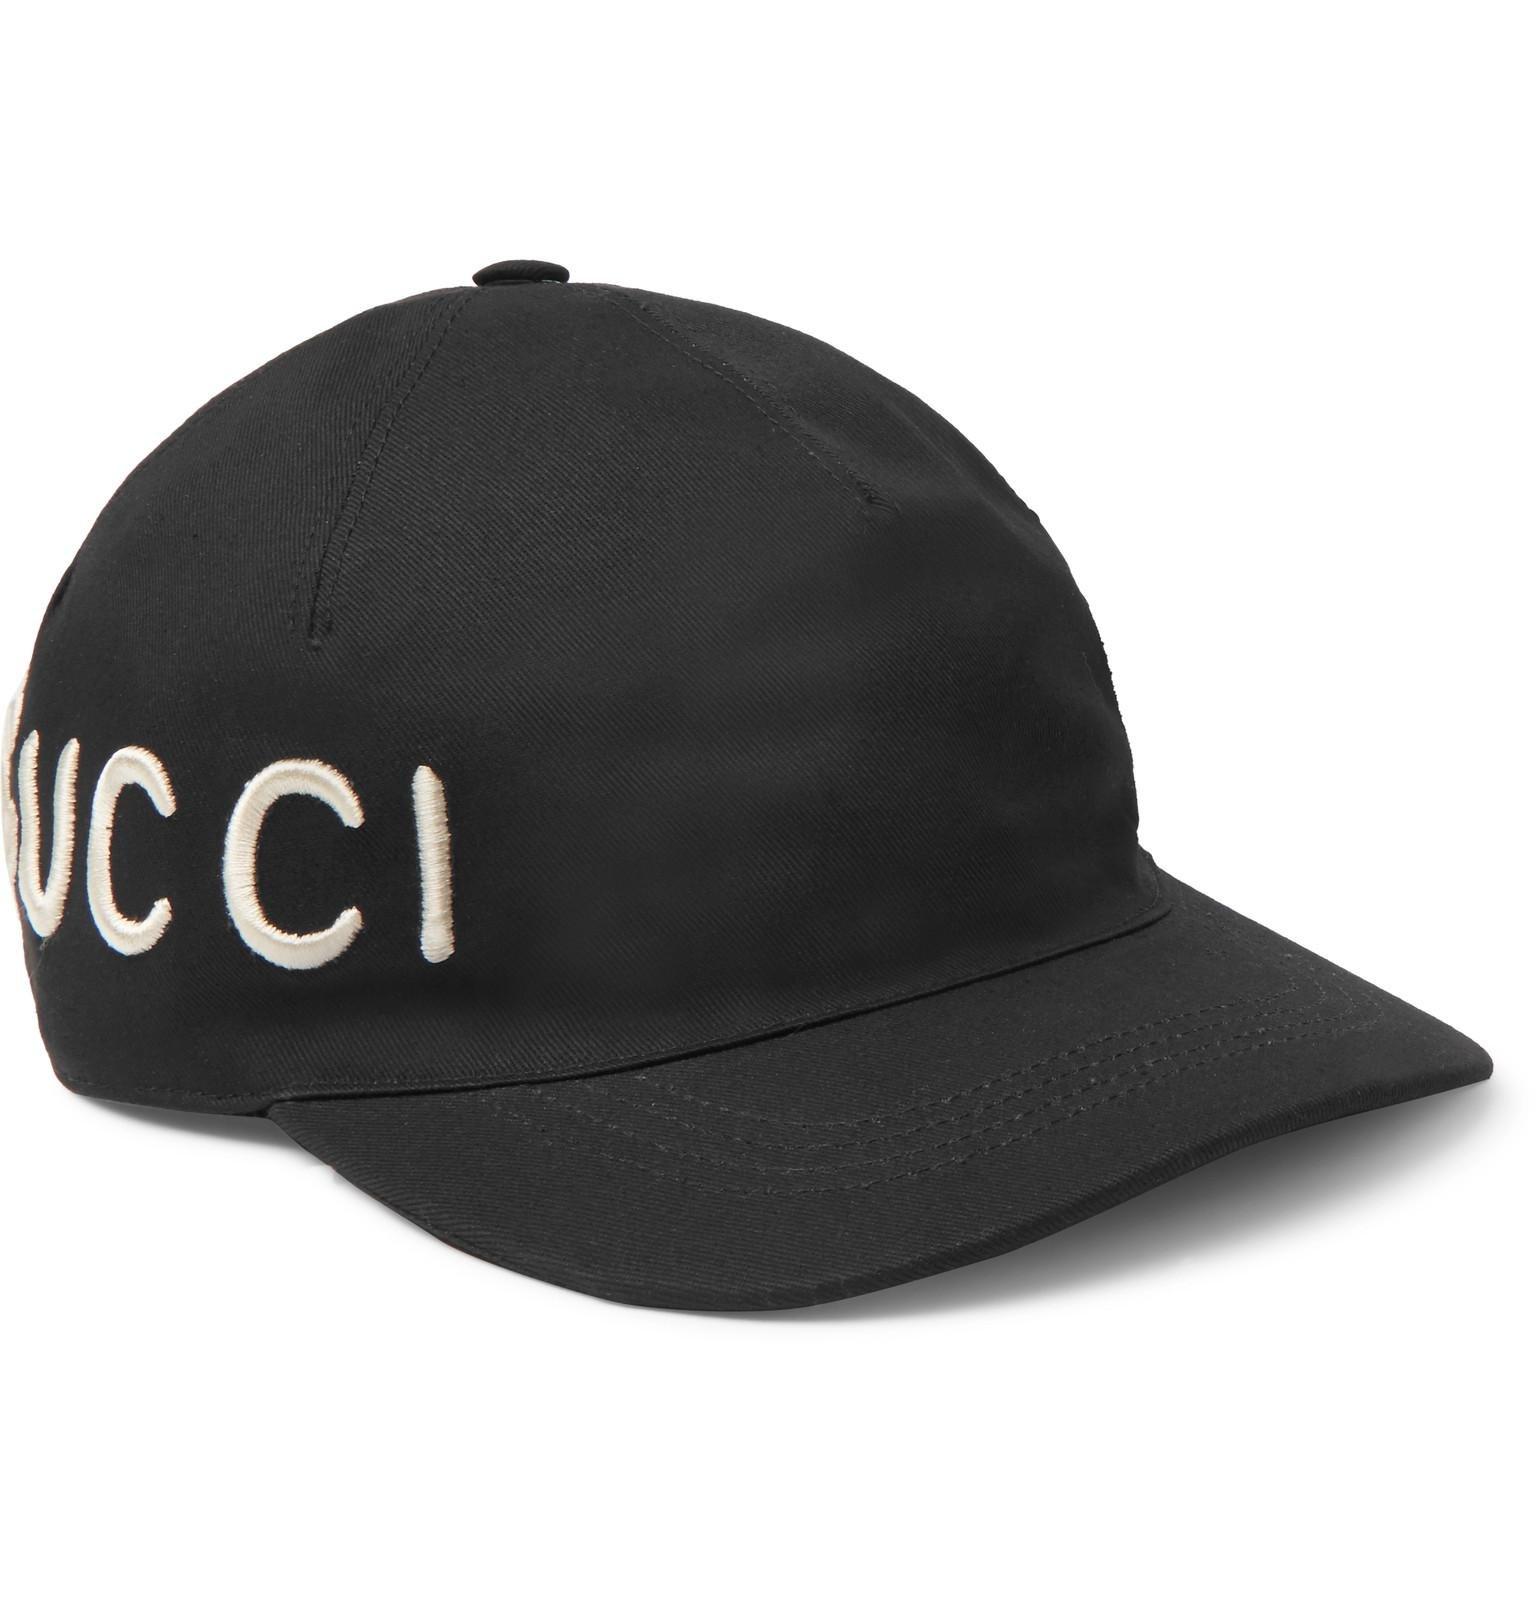 99eccb5e79e Lyst - Gucci Embroidered Cotton-twill Baseball Cap in Black for Men